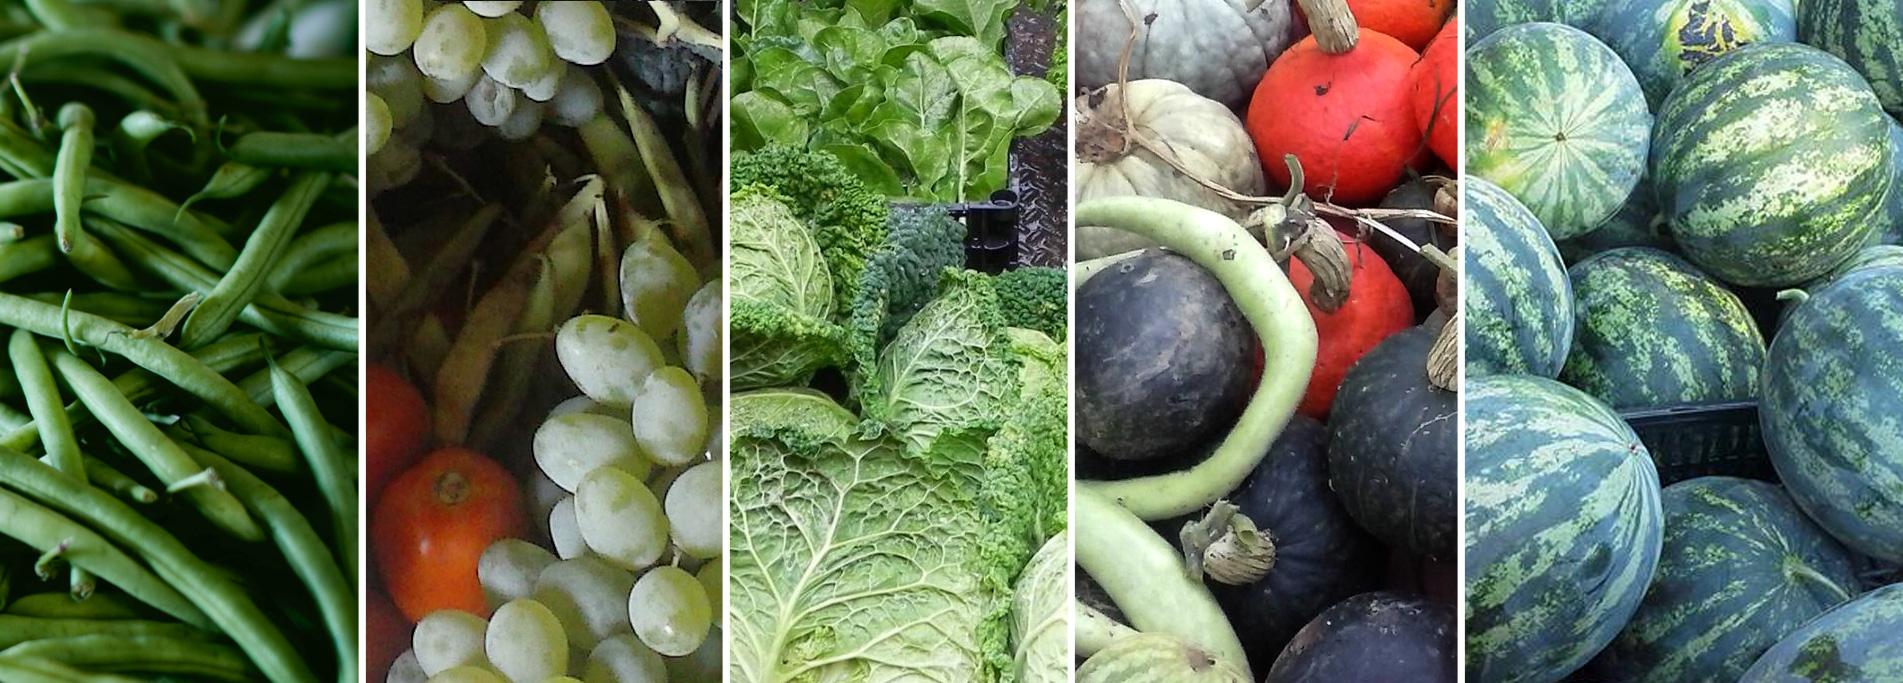 Mercato agricolo di Abbiategrasso